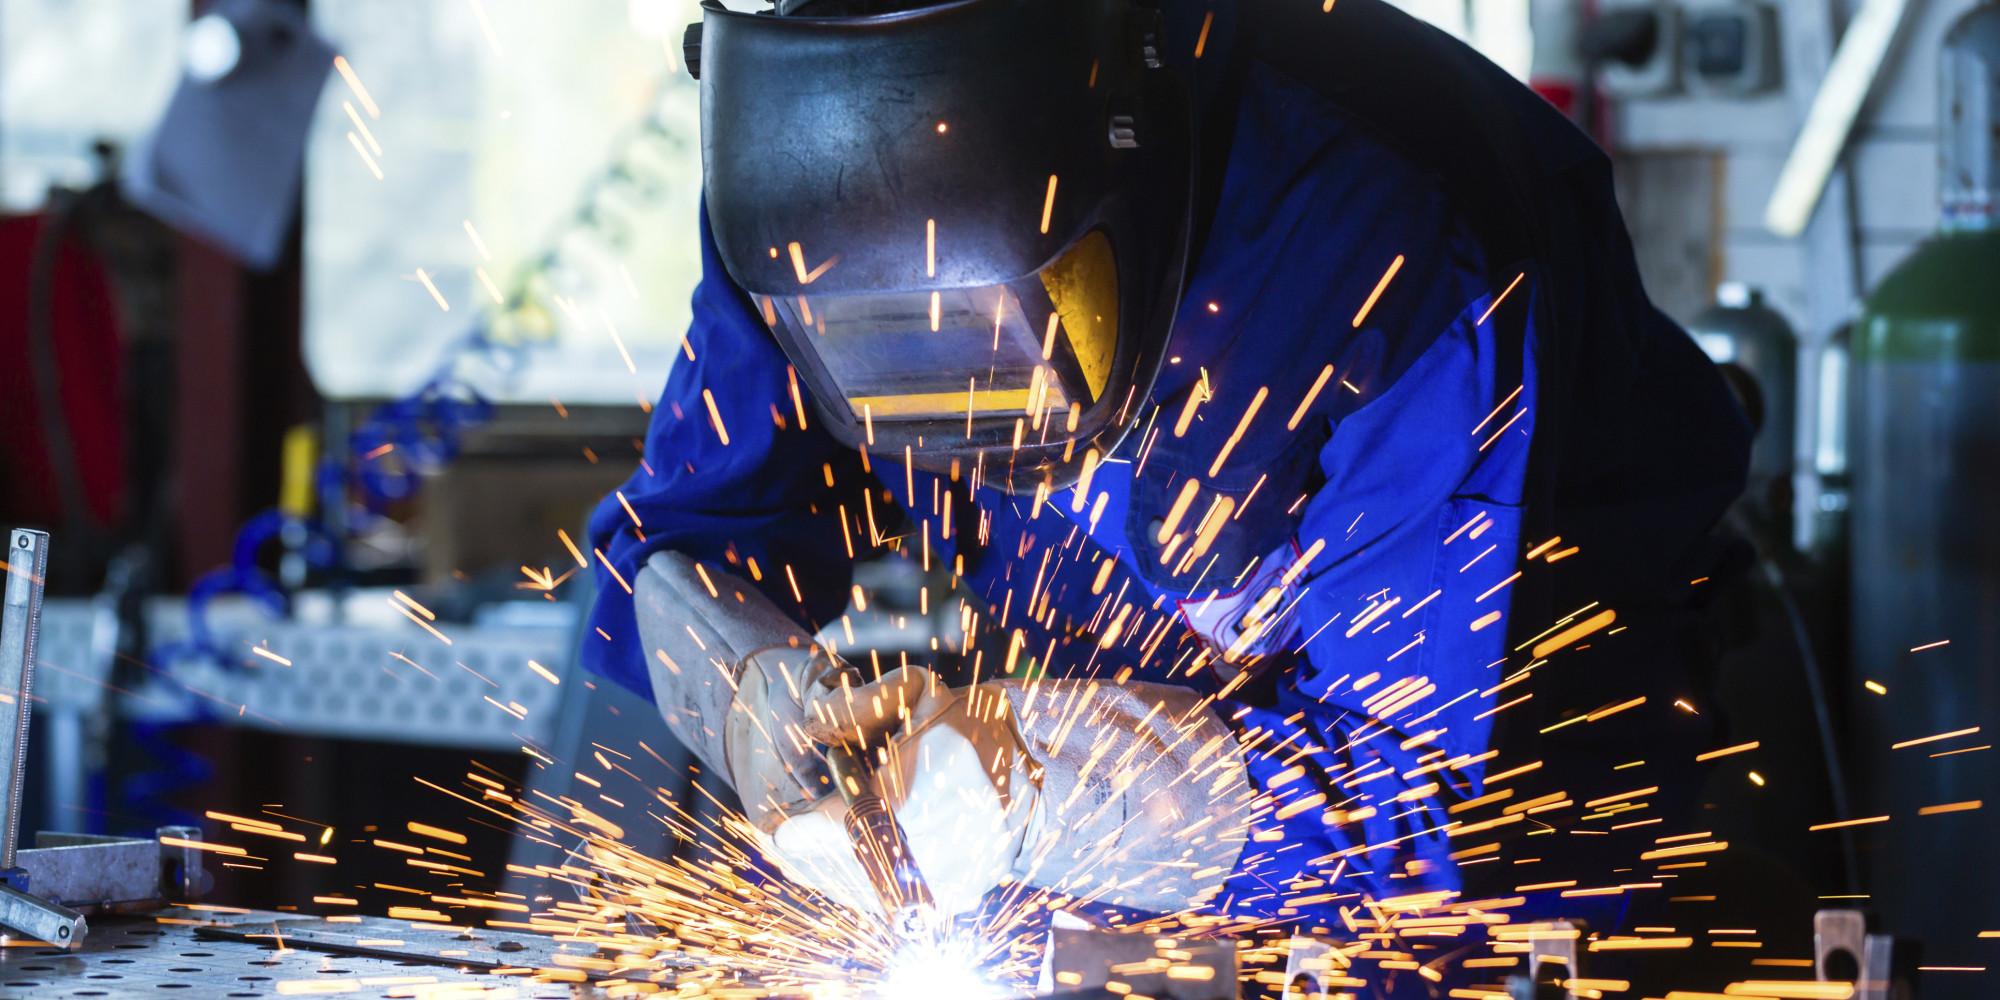 Tuyển dụng gấp 20 Công nhân Hàn ký hợp đồng lao động dài hạn